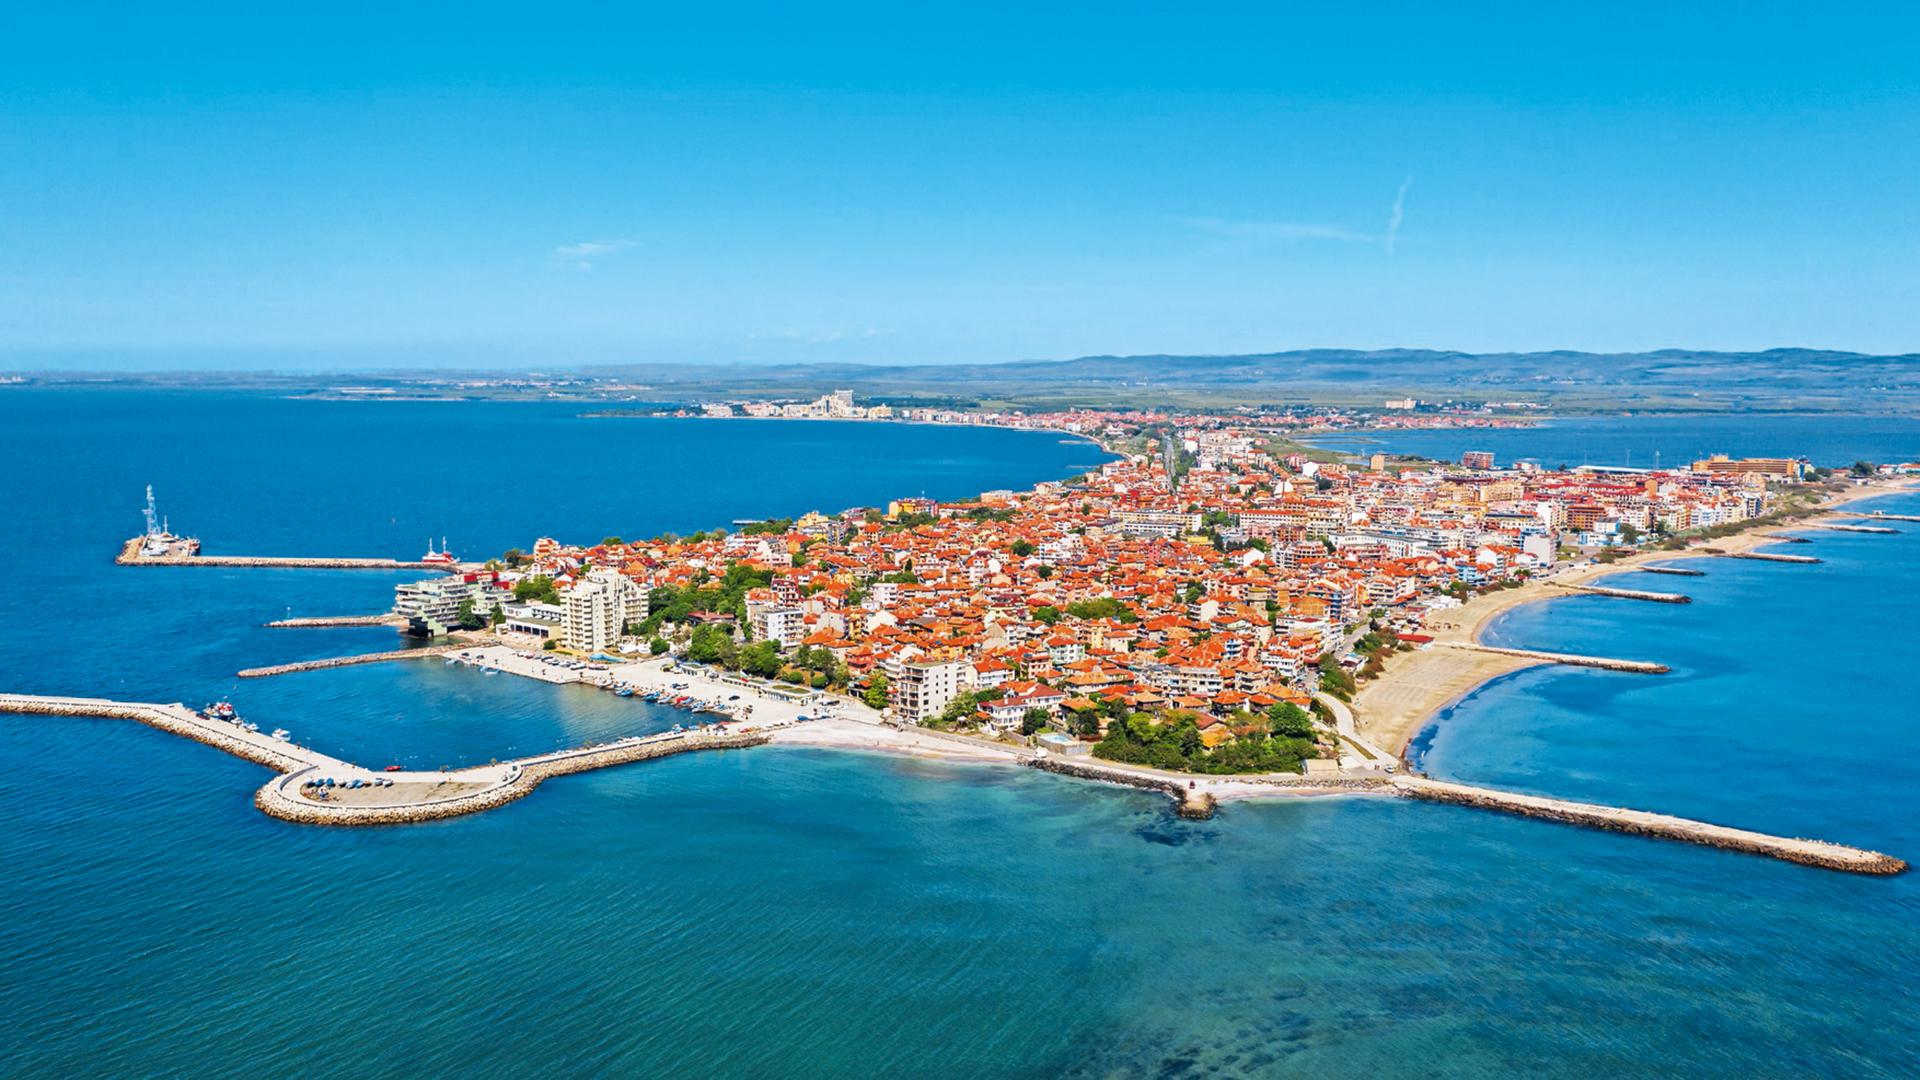 Wczasy i wycieczki Bułgaria - wakacje 2021 | Biuro Podróży ITAKA